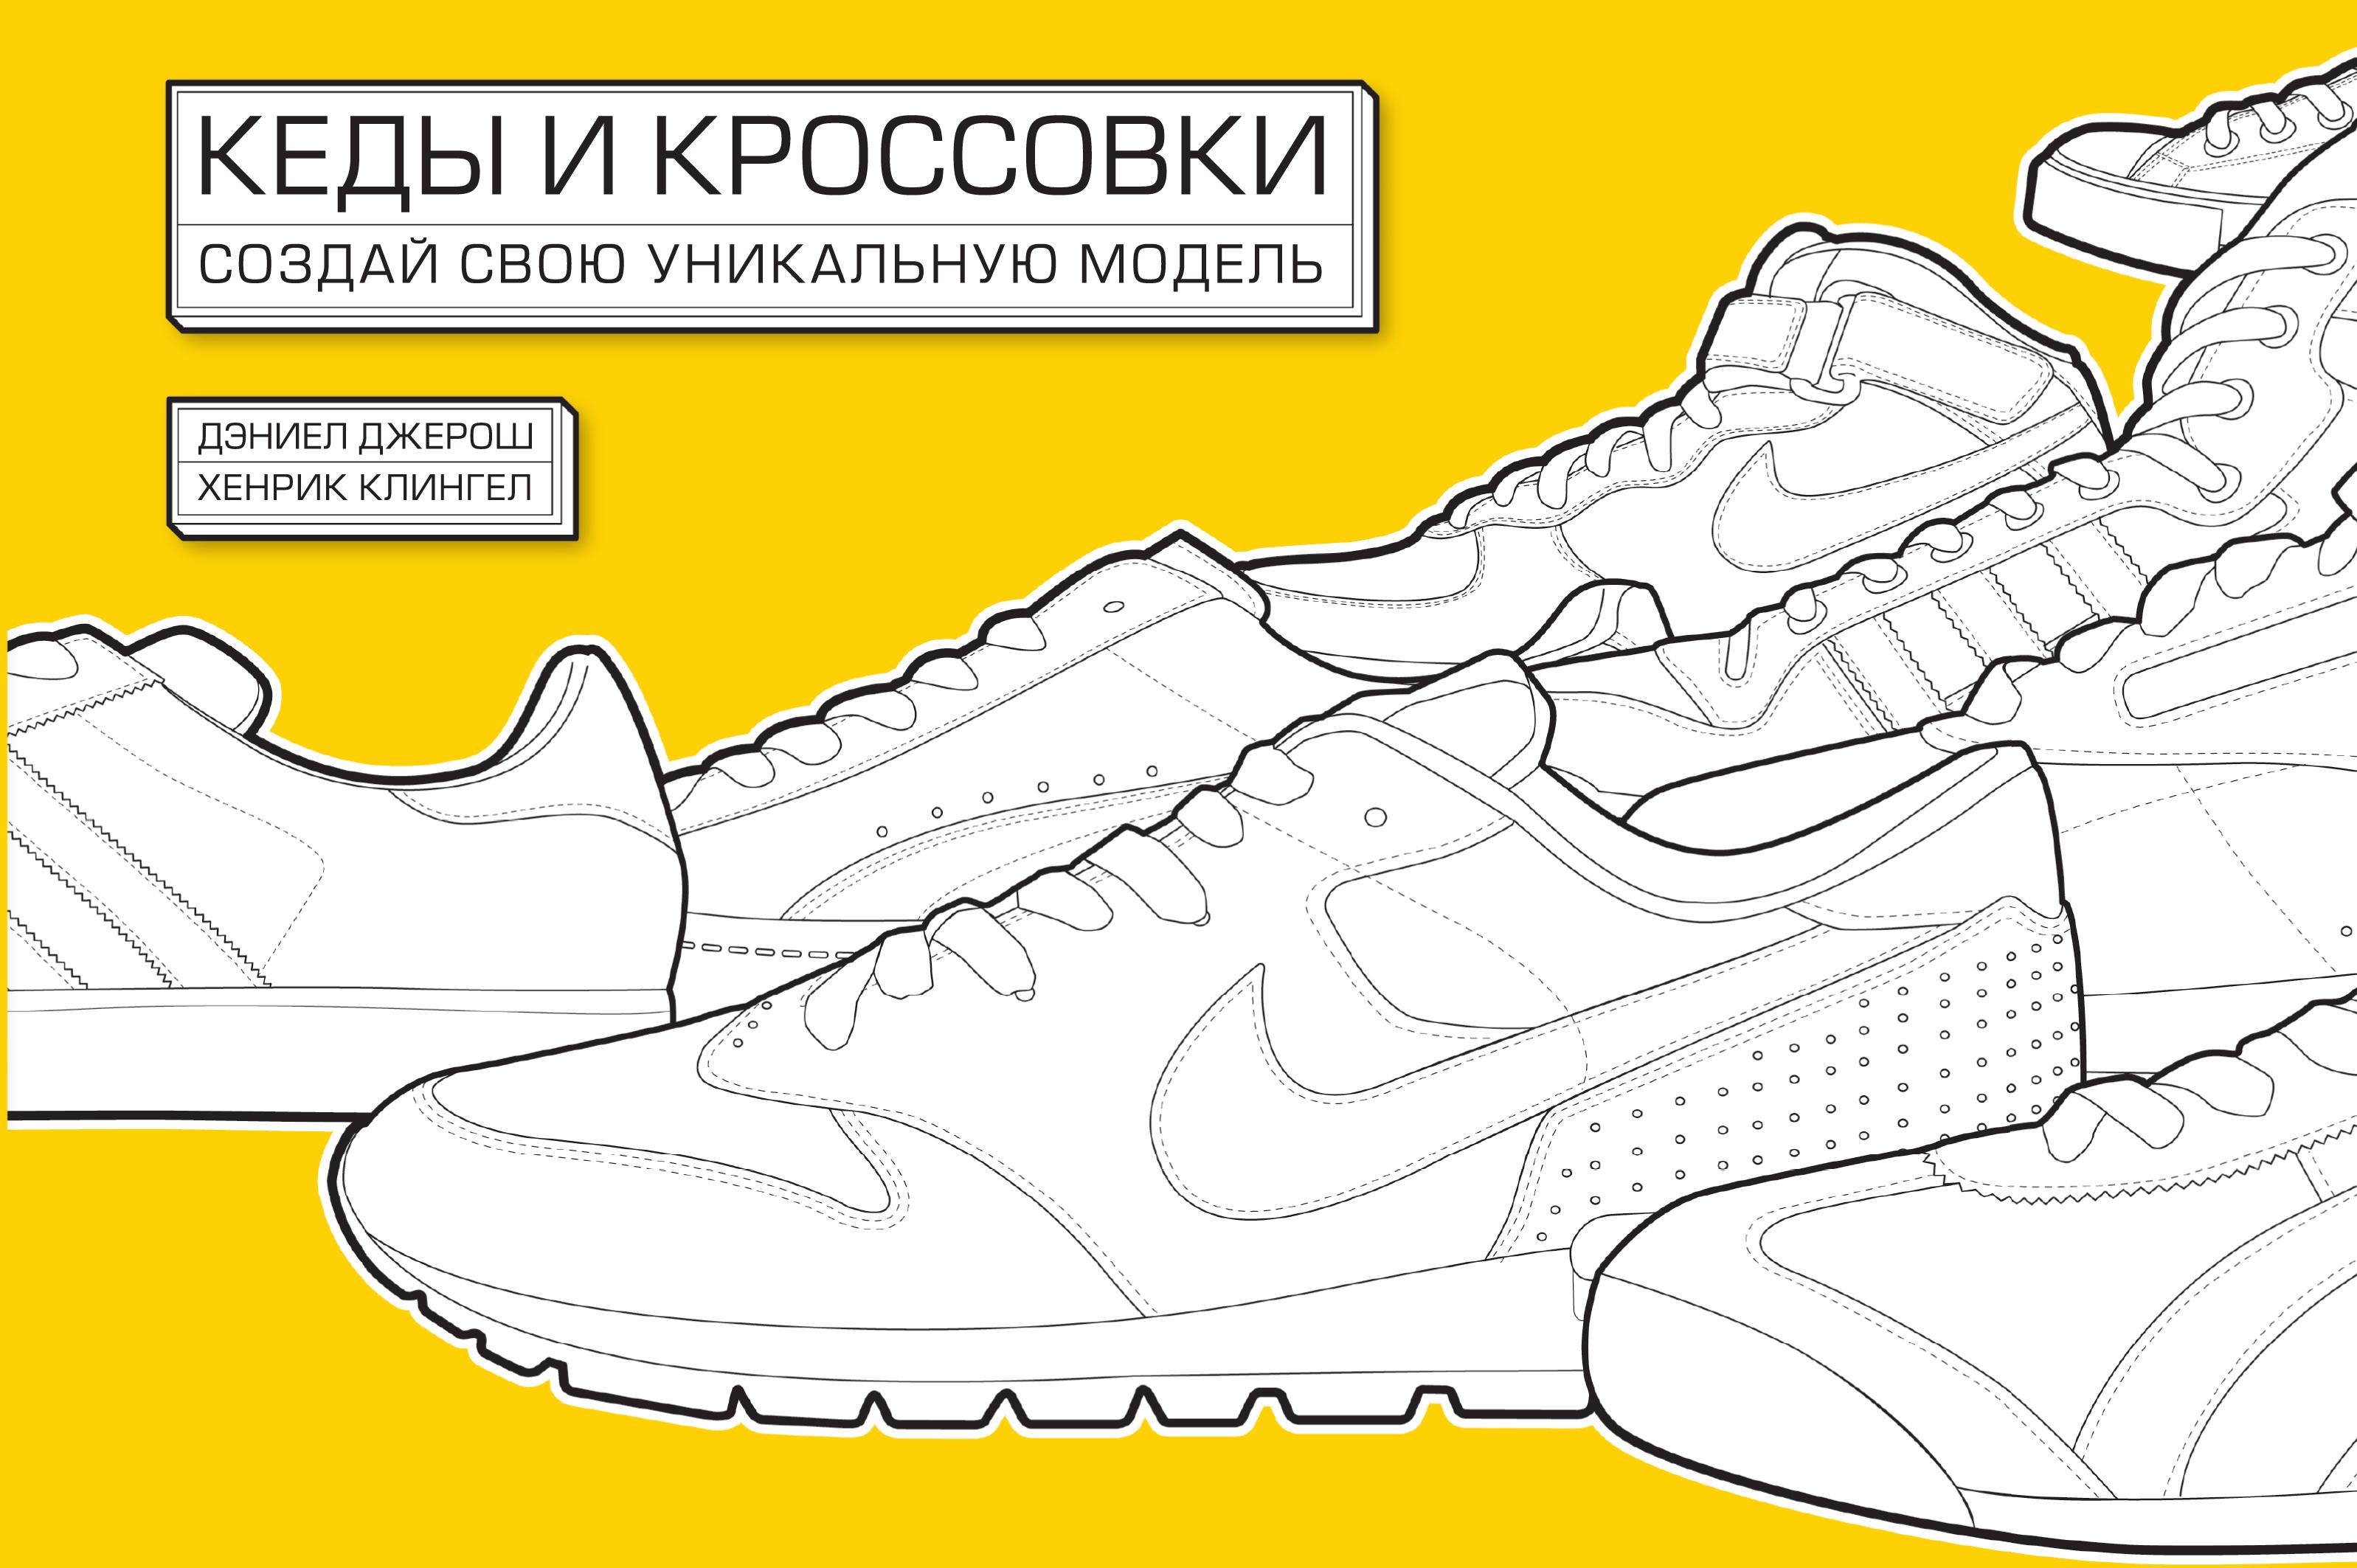 Кеды и кроссовки. Создай свою уникальную модель